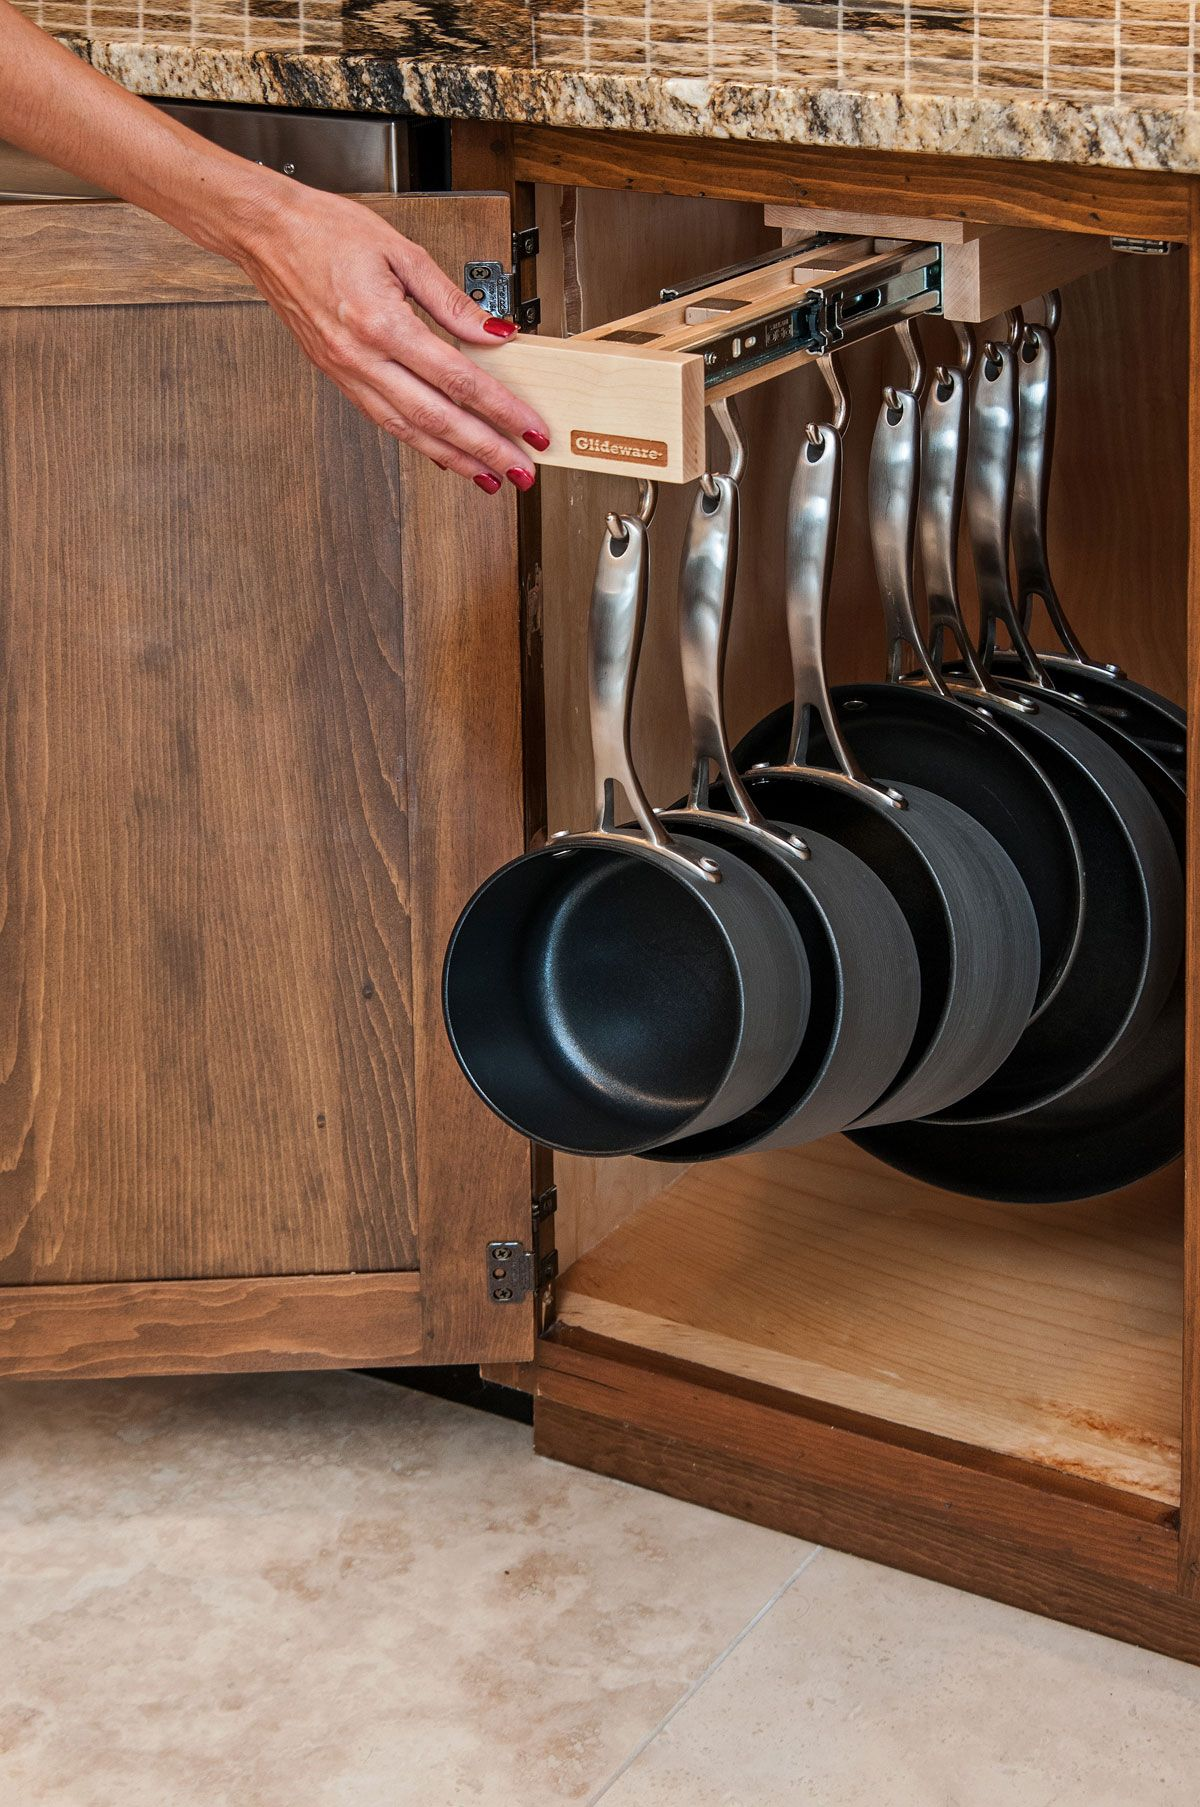 34 Insanely Smart Diy Kitchen Storage Ideas Diy Kitchen Storage Kitchen Organization Diy Home Diy